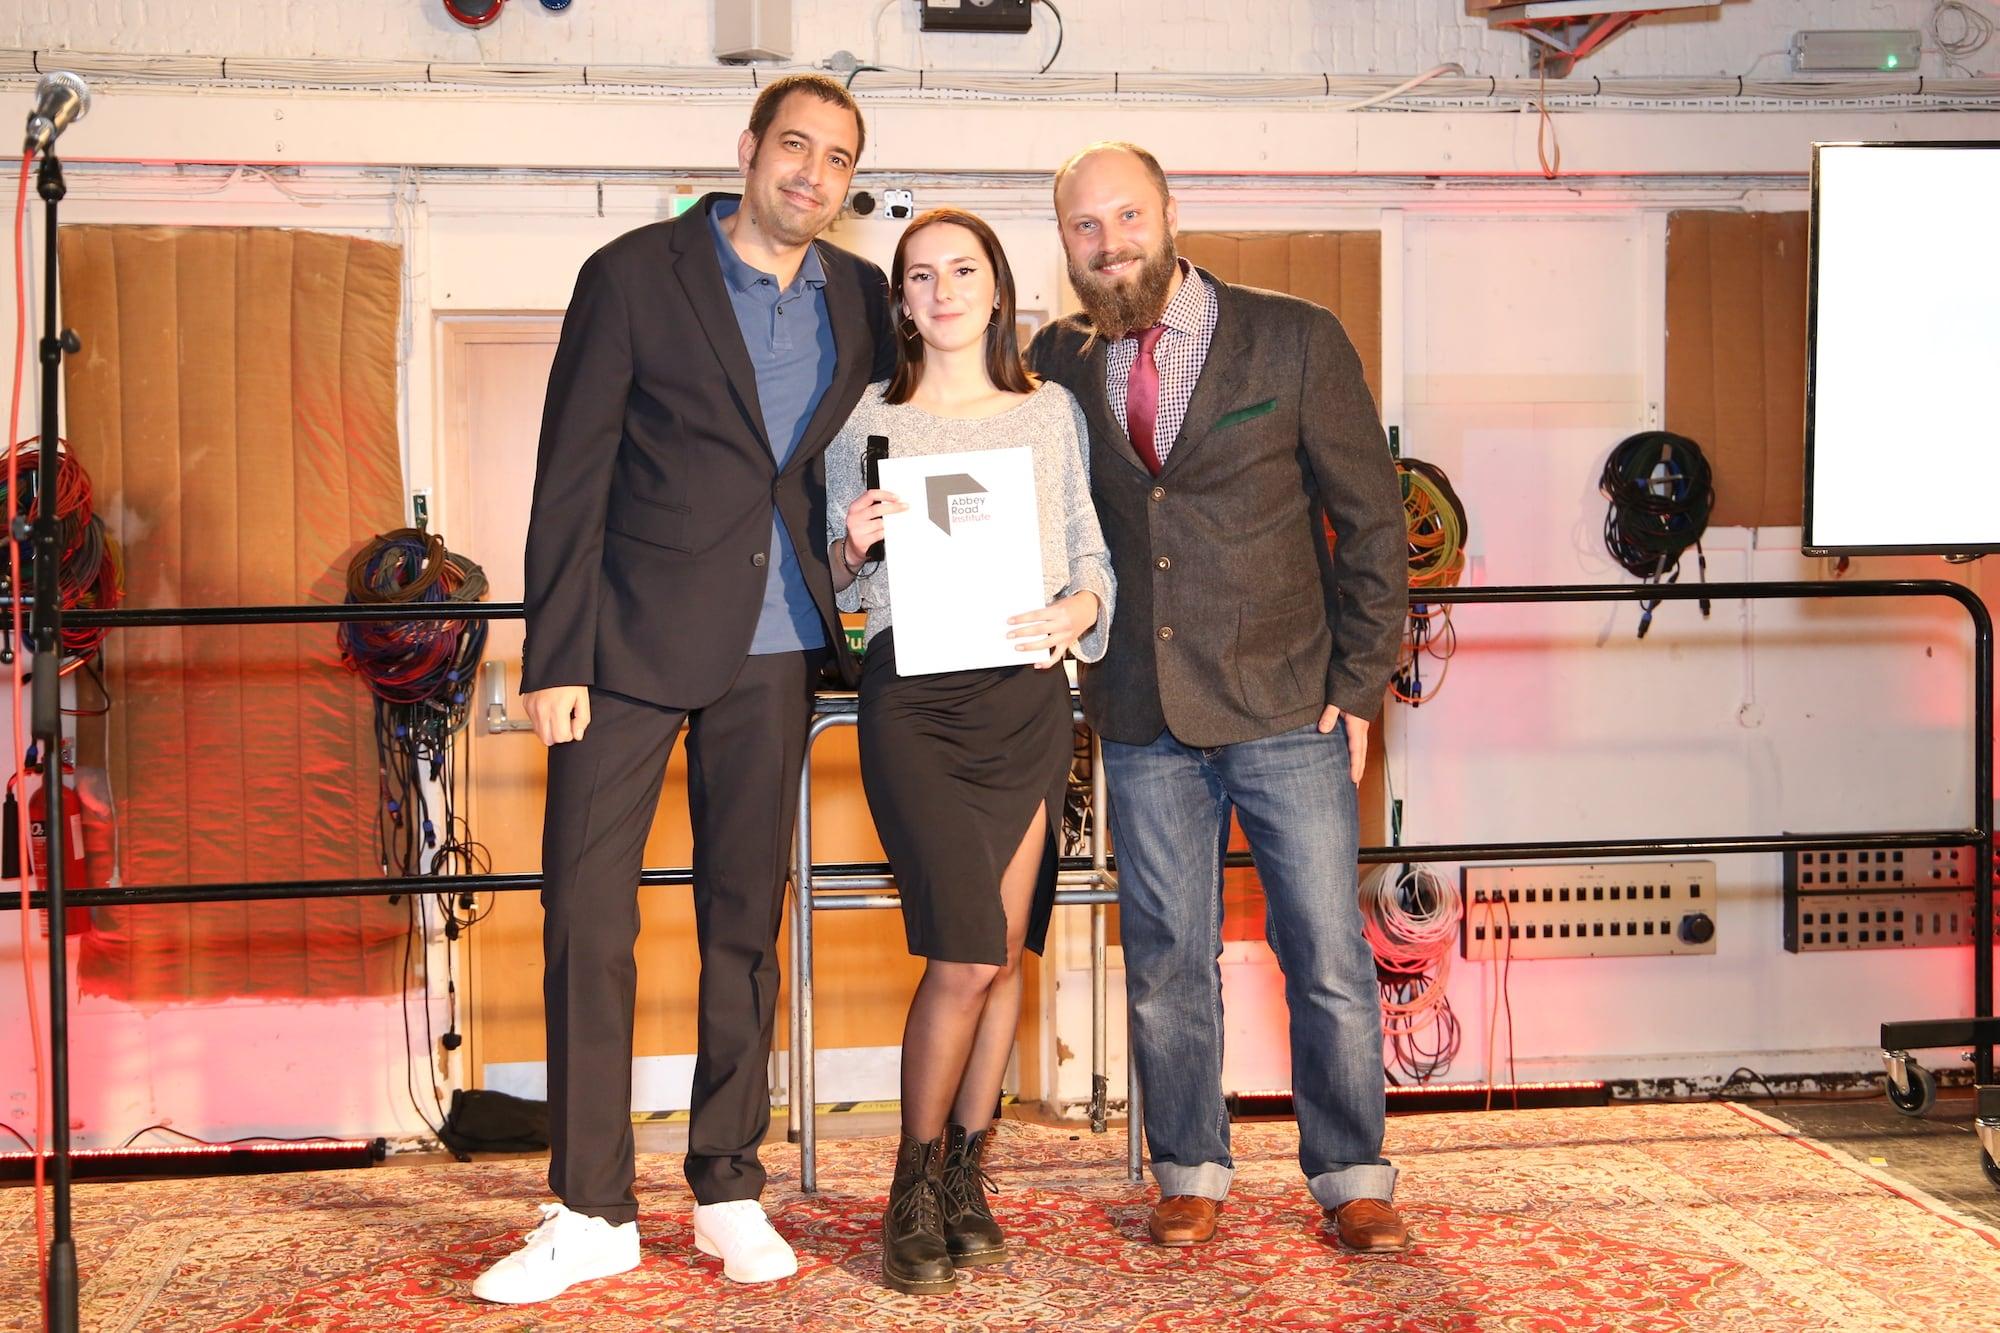 Berliner Studentin bekommt ihr Zeugnis überreicht